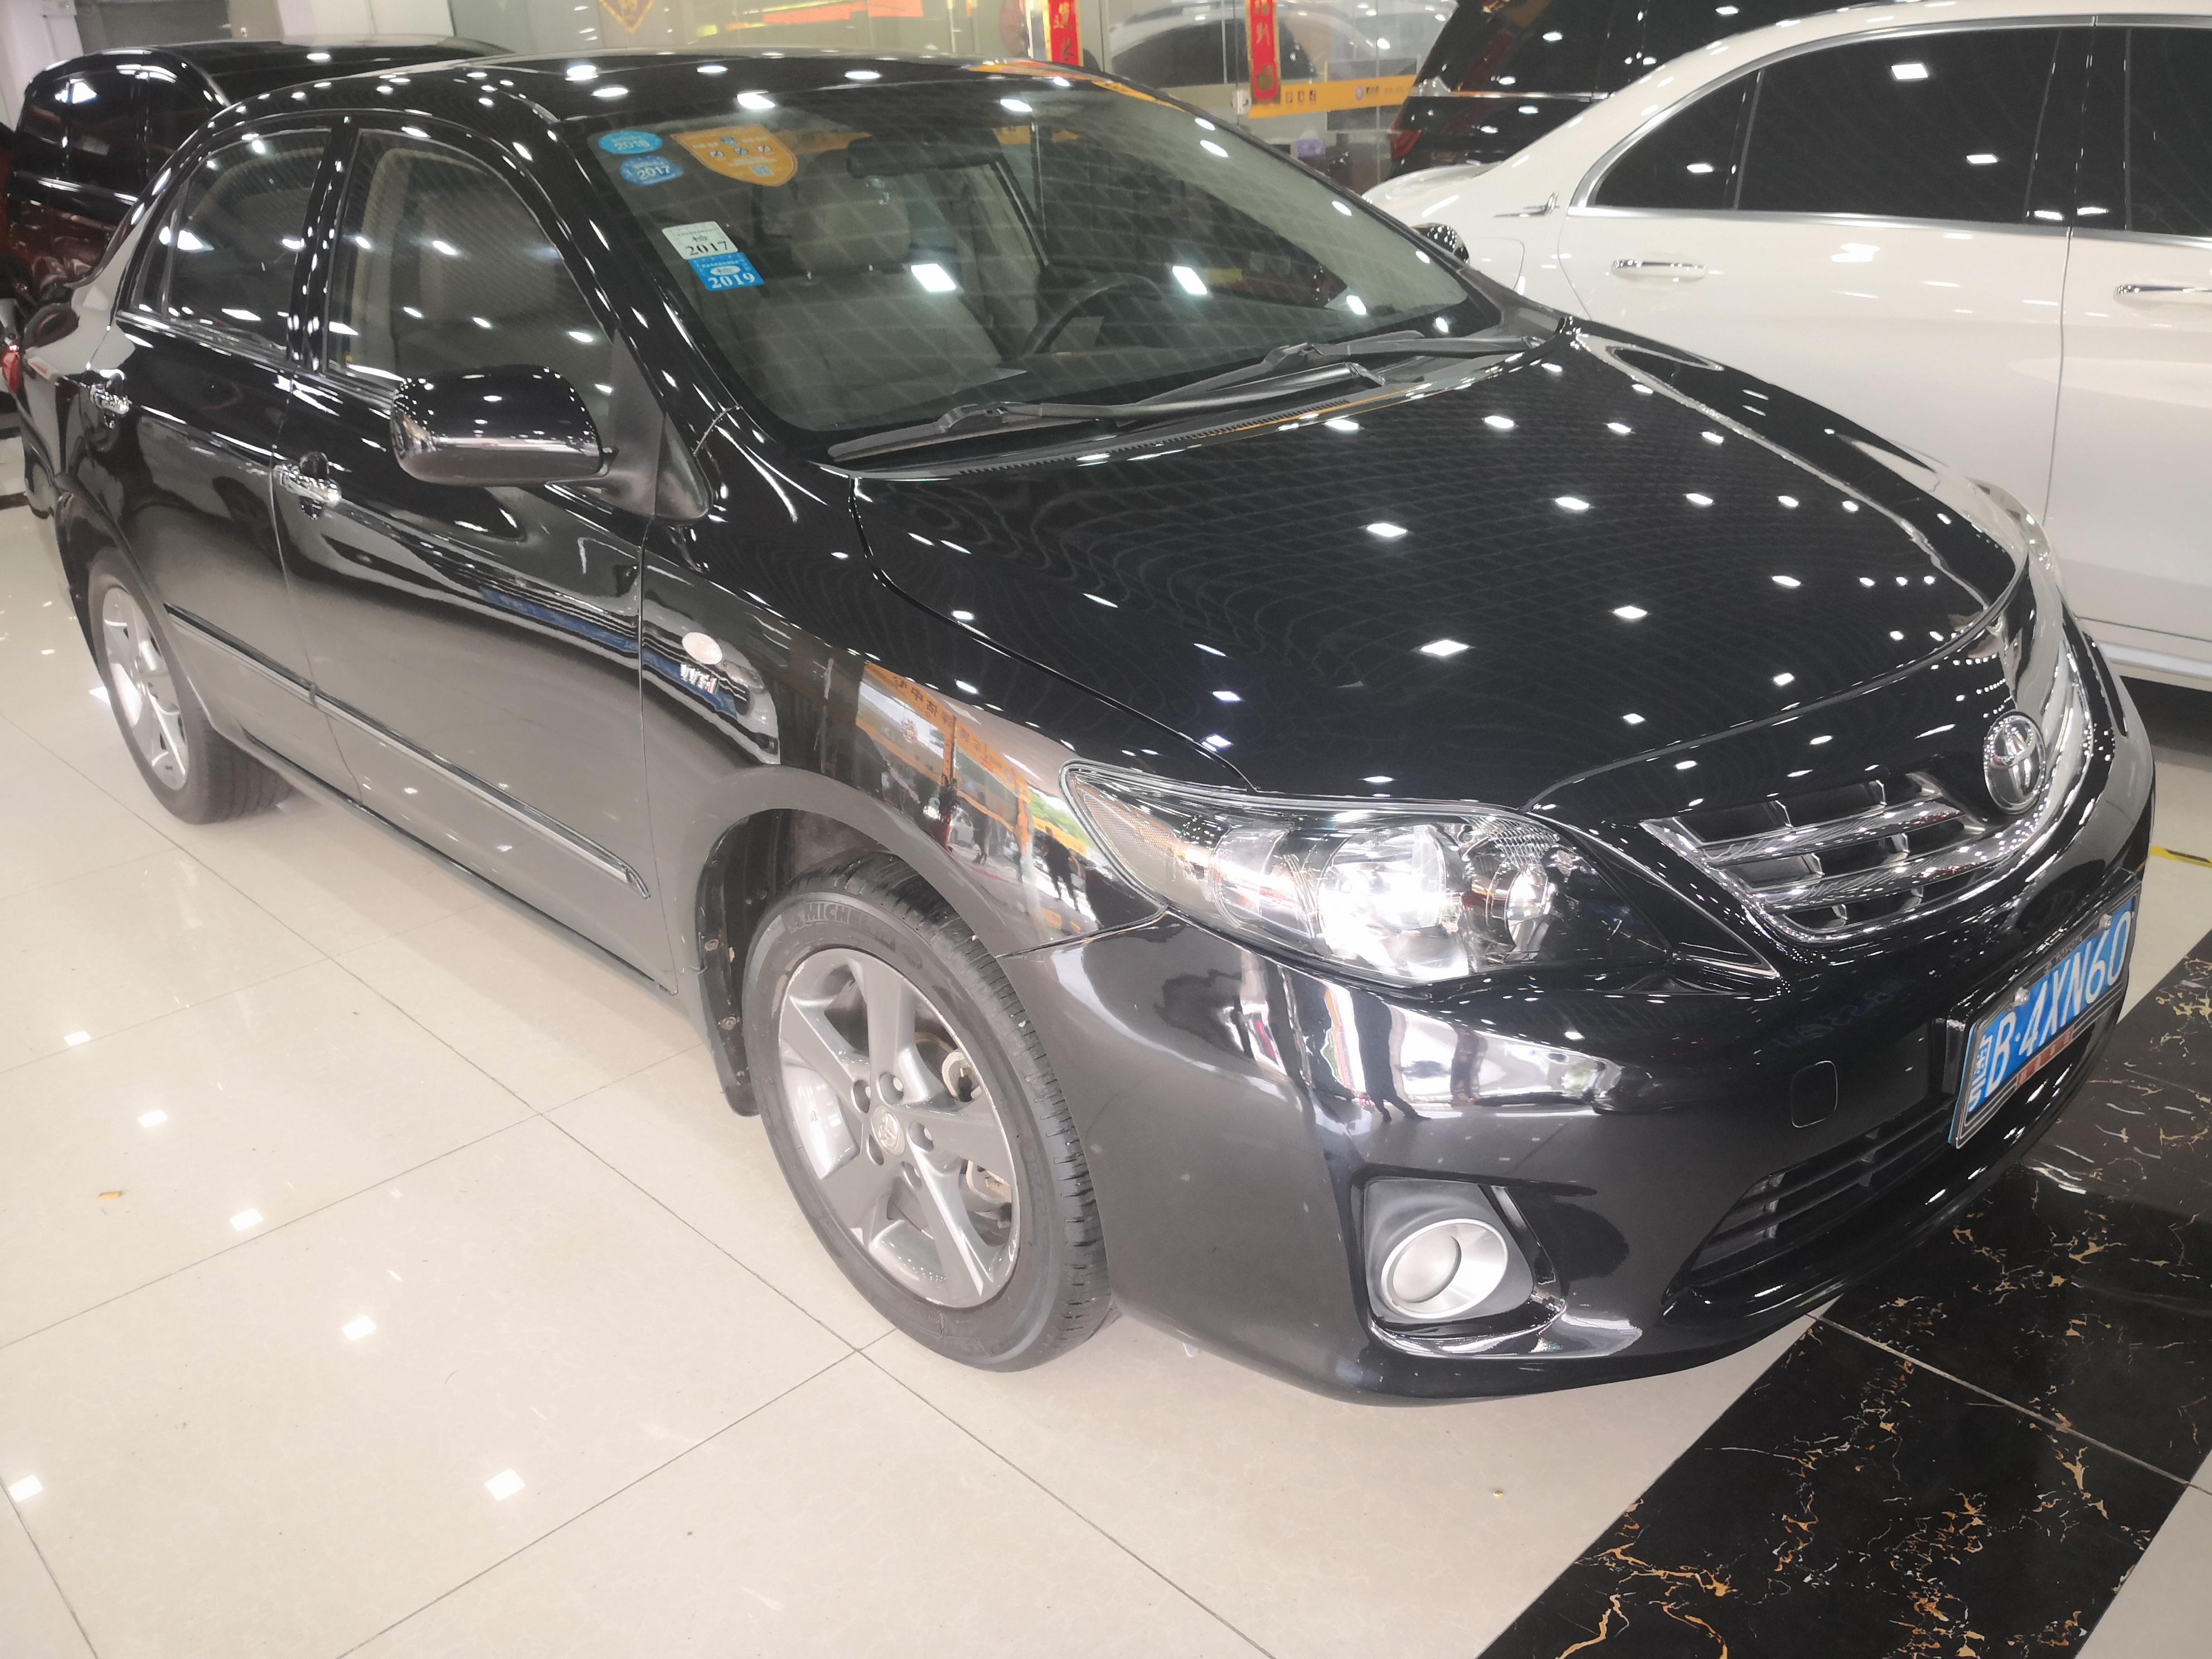 丰田卡罗拉 2013款 特装版 1.8L CVT至酷版GL-i